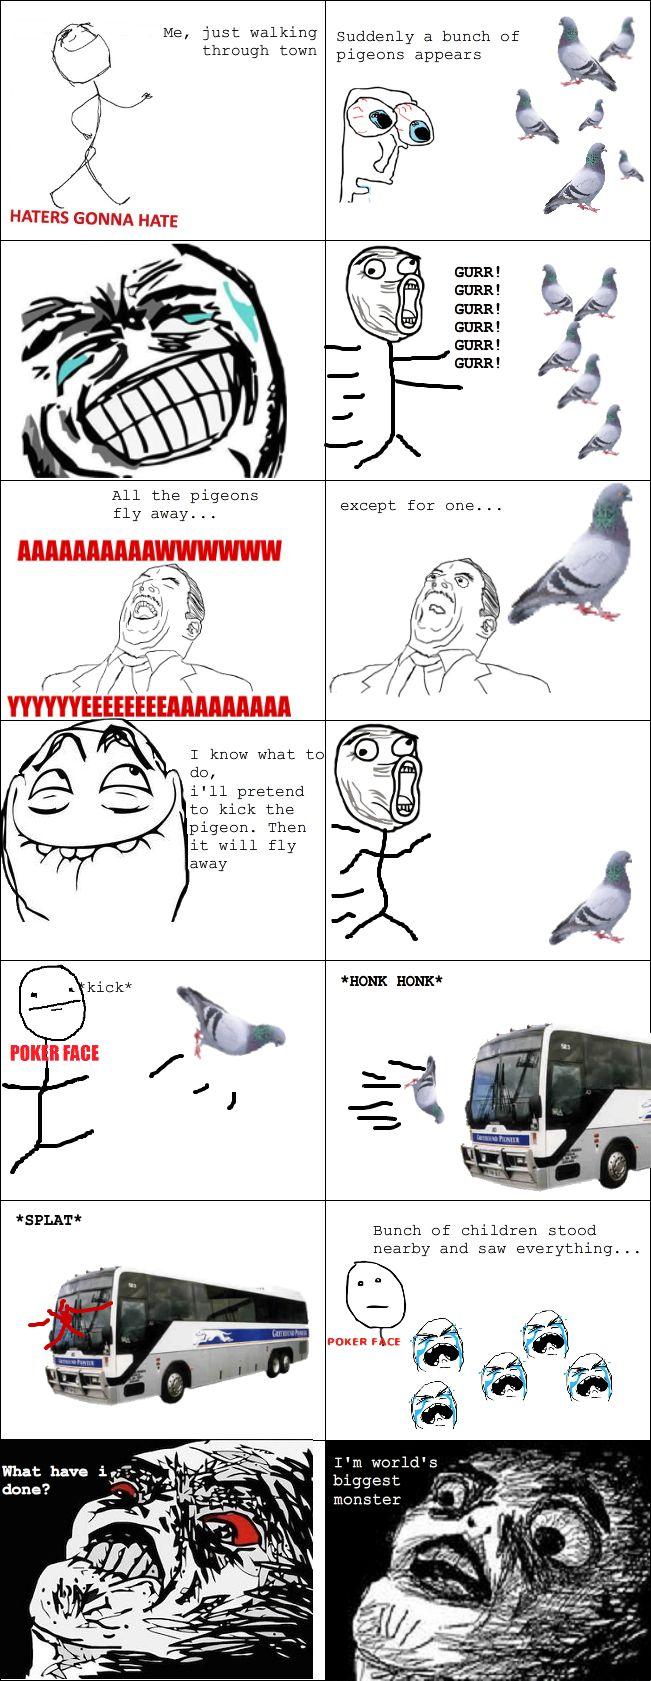 Le Pigeon Killer - View more rage comics at http://leragecomics.com